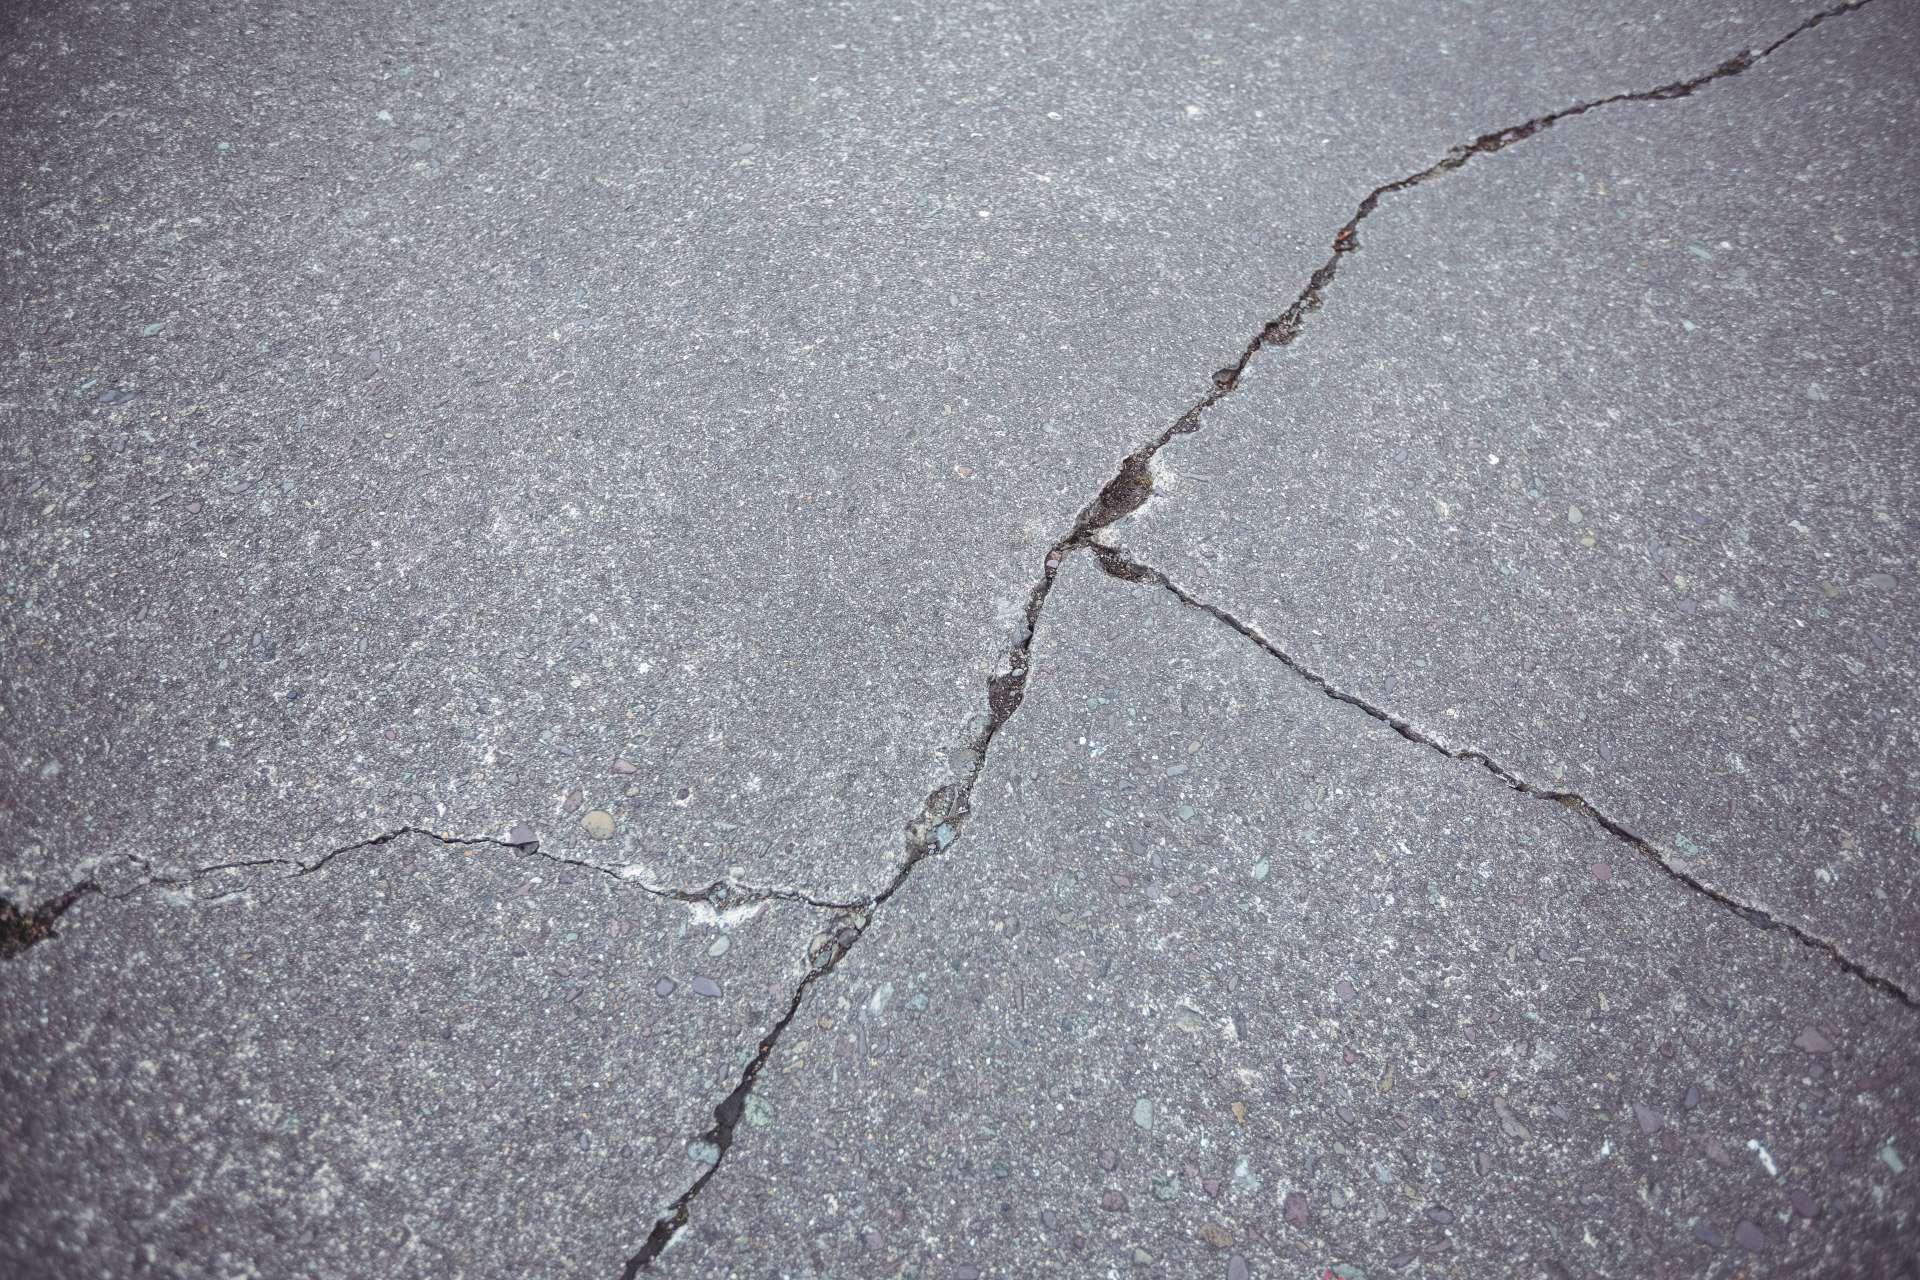 close-up-cracked-asphalt-road-background